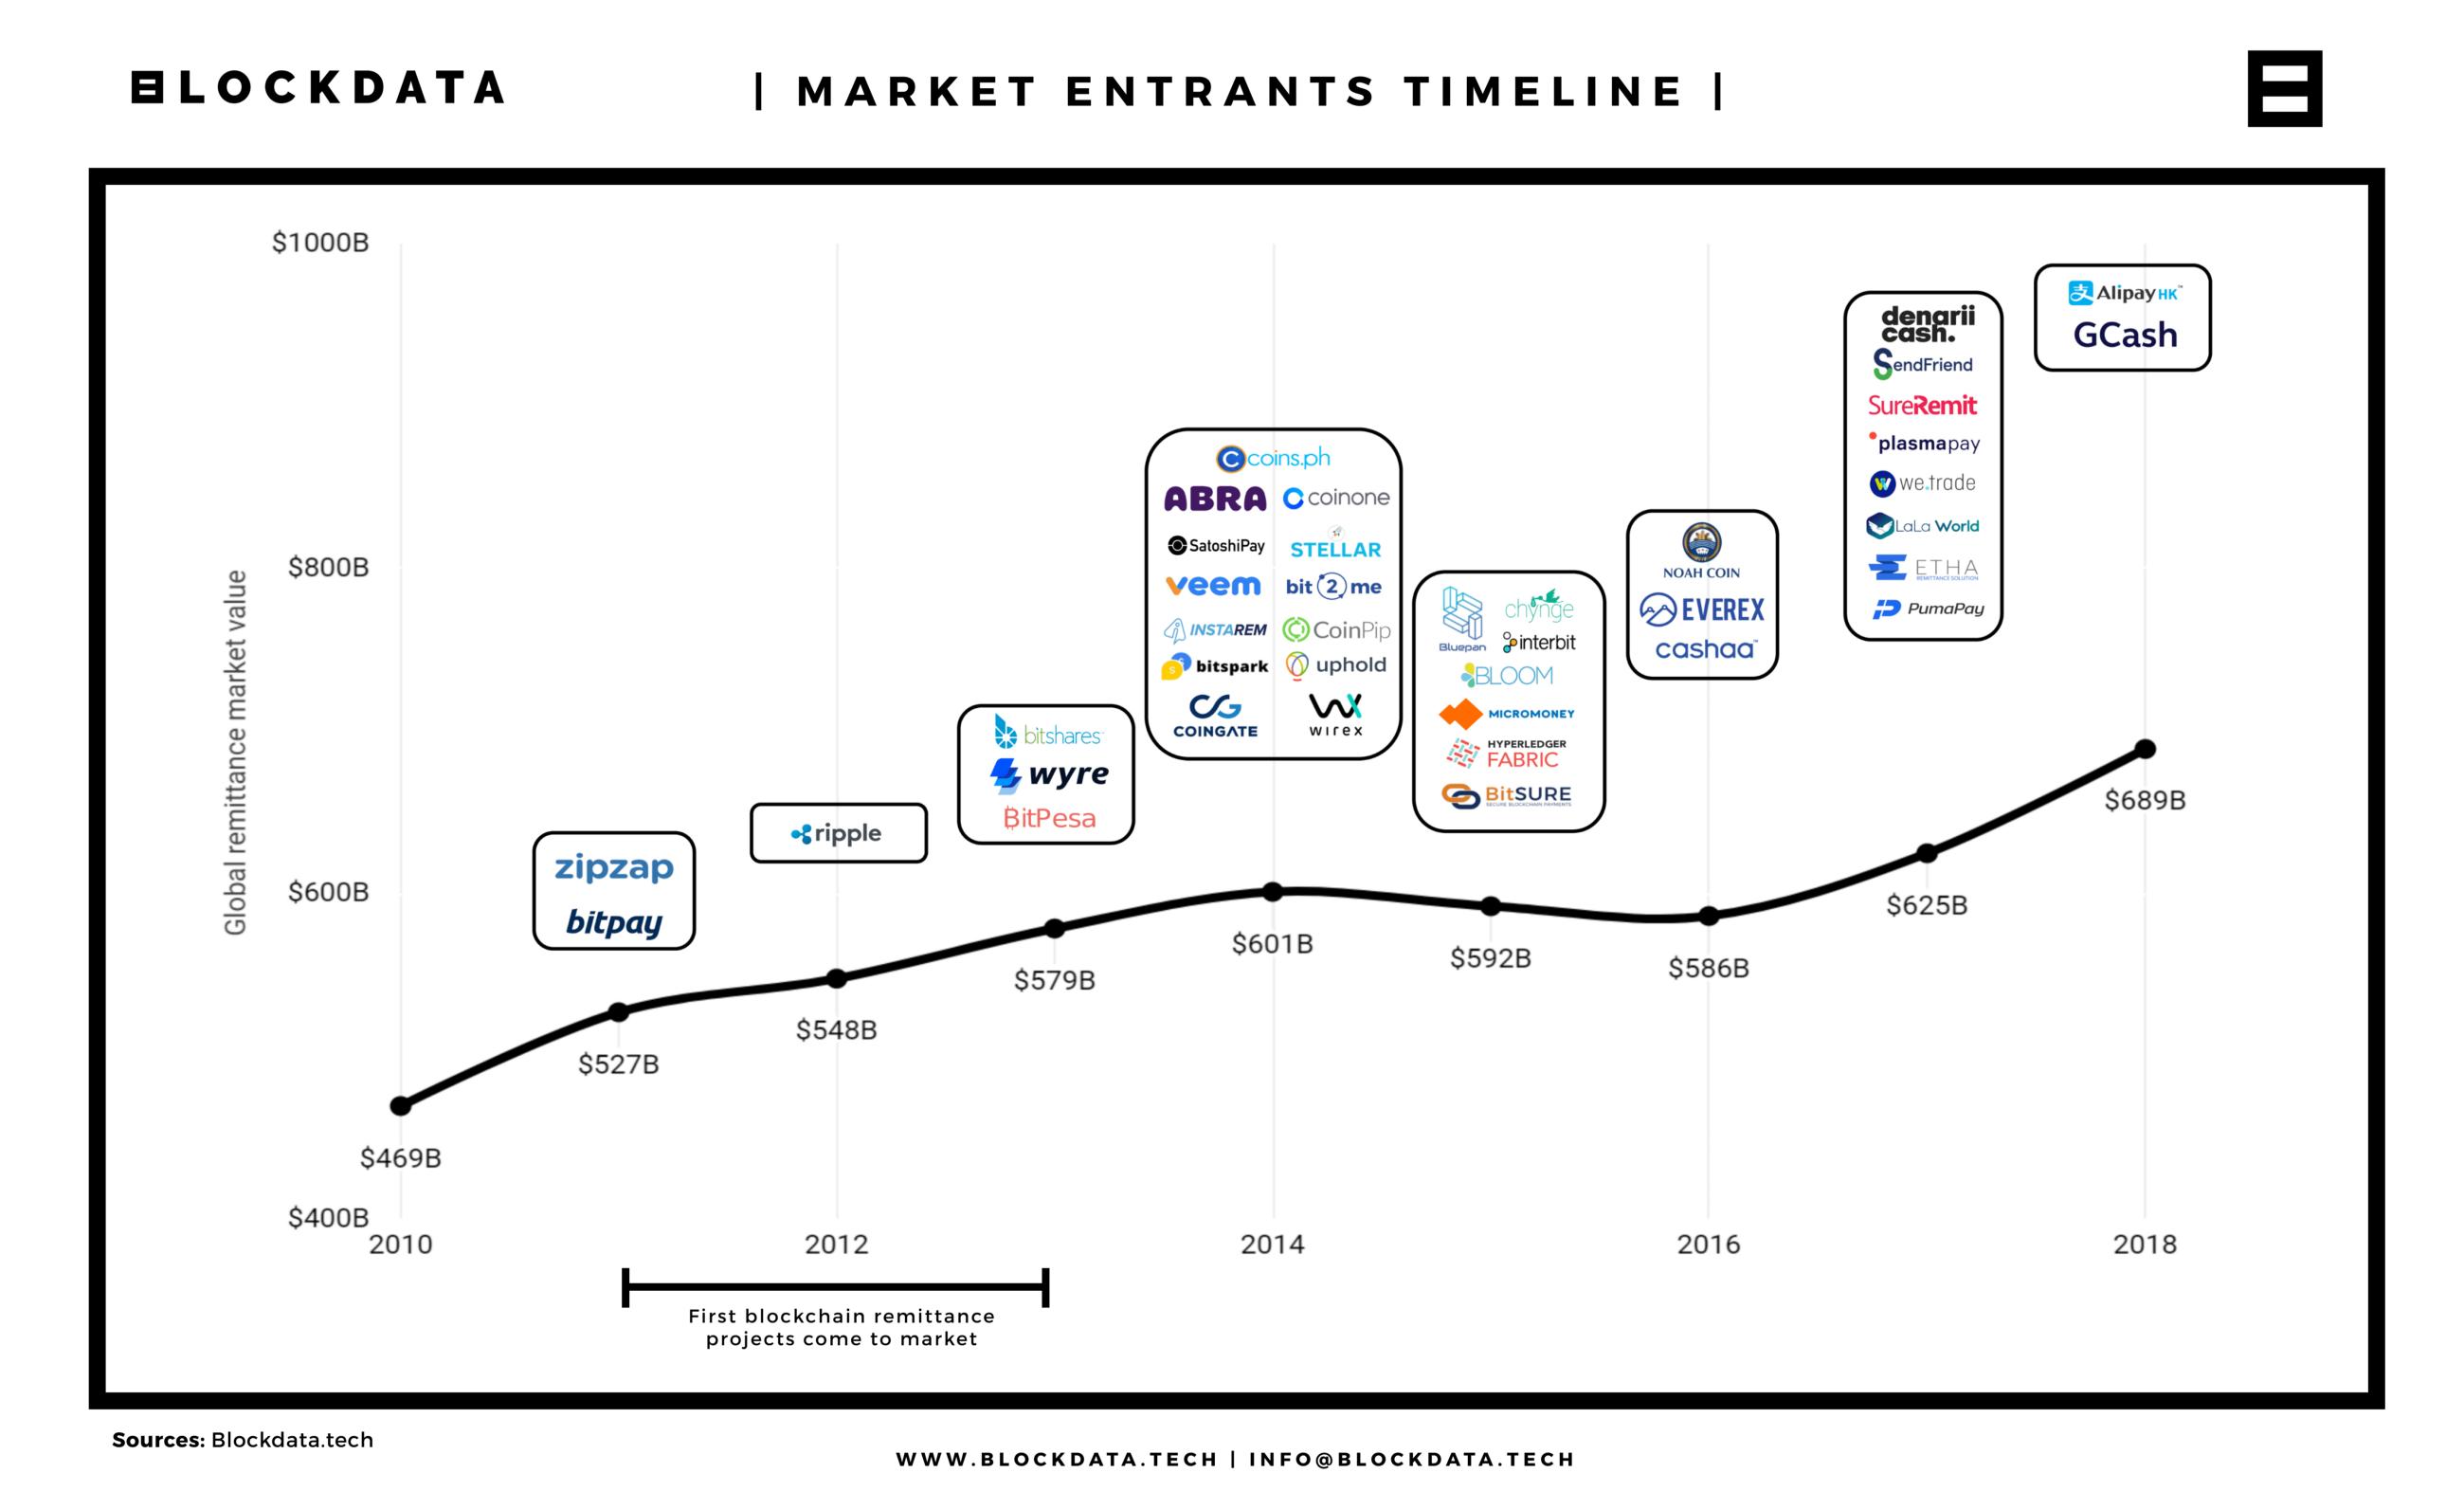 Временной график входа компаний на рынок